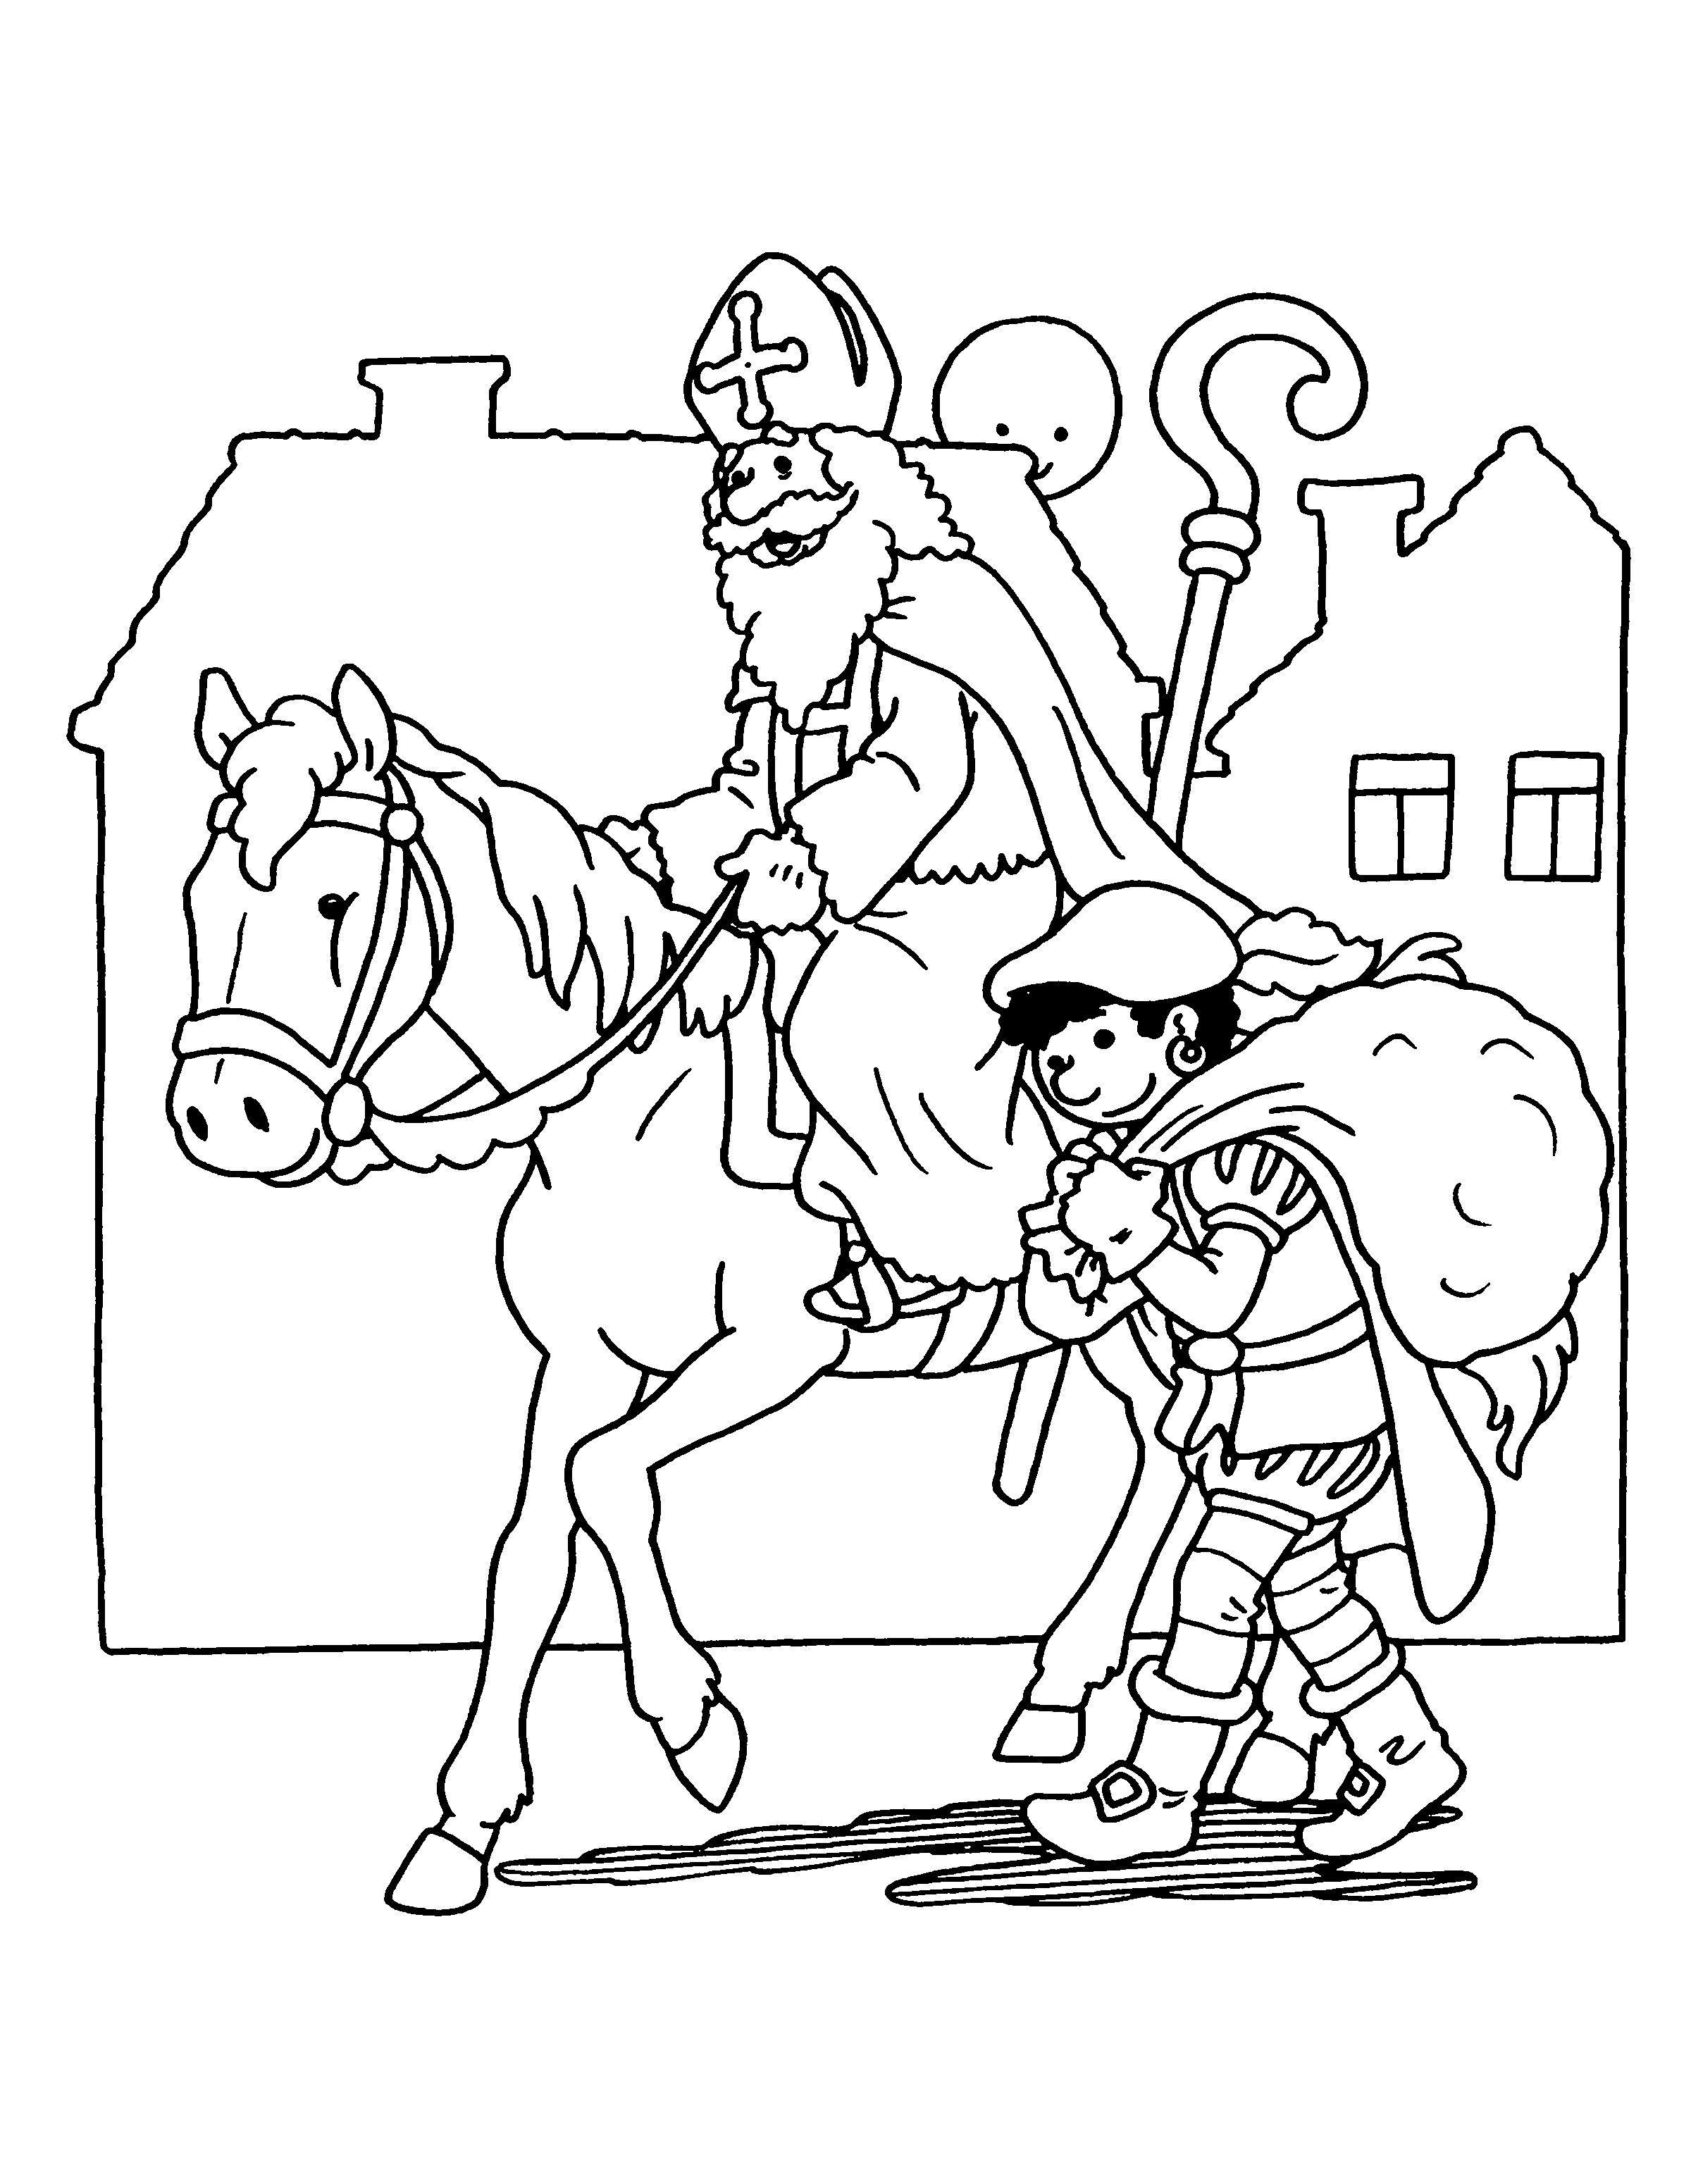 Kleurplaten Van Sinterklaas Zijn Paard.Kleurplaten Van Sint En Piet Nieuwe Kleurplaat Sinterklaas Op Zijn